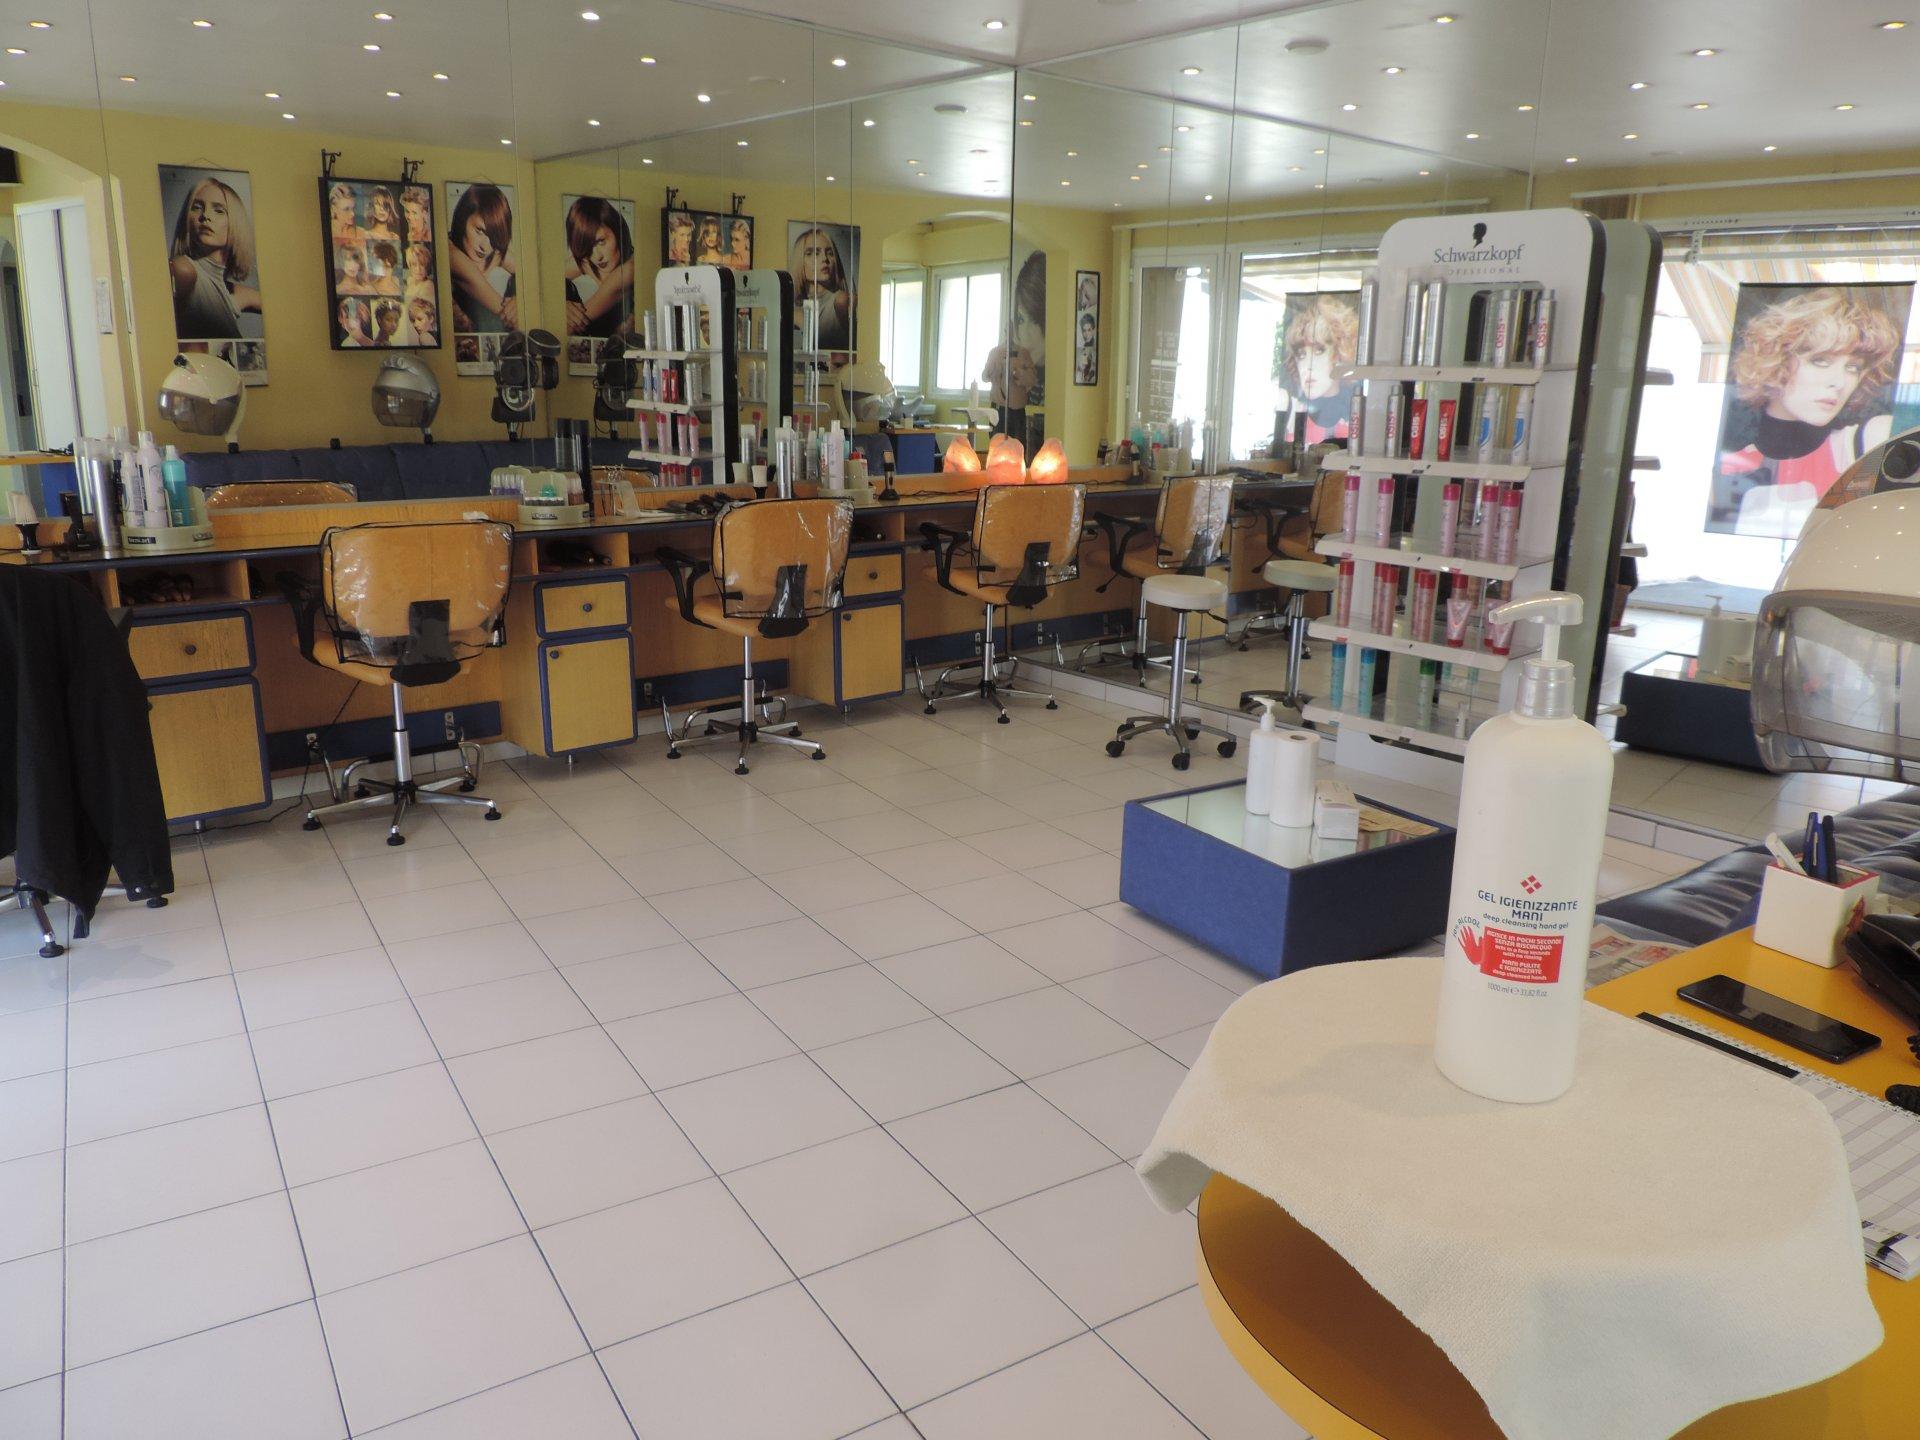 Salon de Coiffure / Onglerie